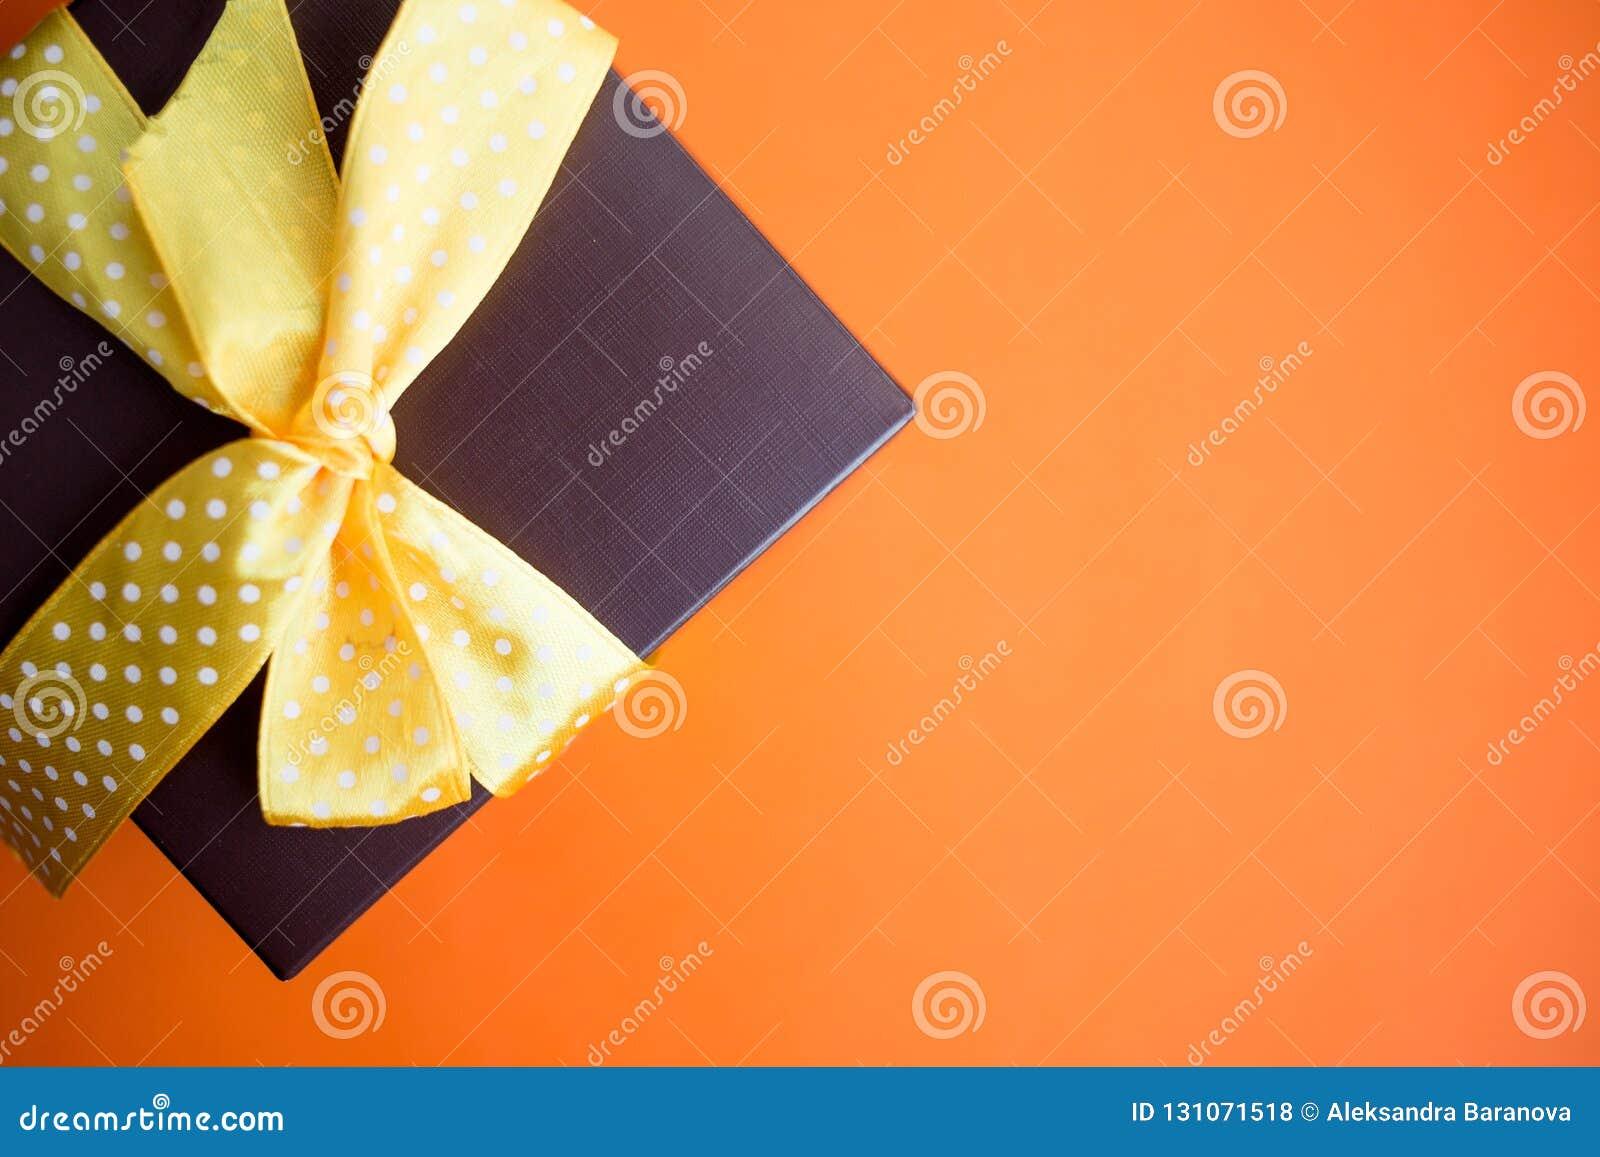 Καφετί κιβώτιο δώρων με την κίτρινη κορδέλλα στο πορτοκαλί υπόβαθρο Τοπ άποψη με το διάστημα αντιγράφων